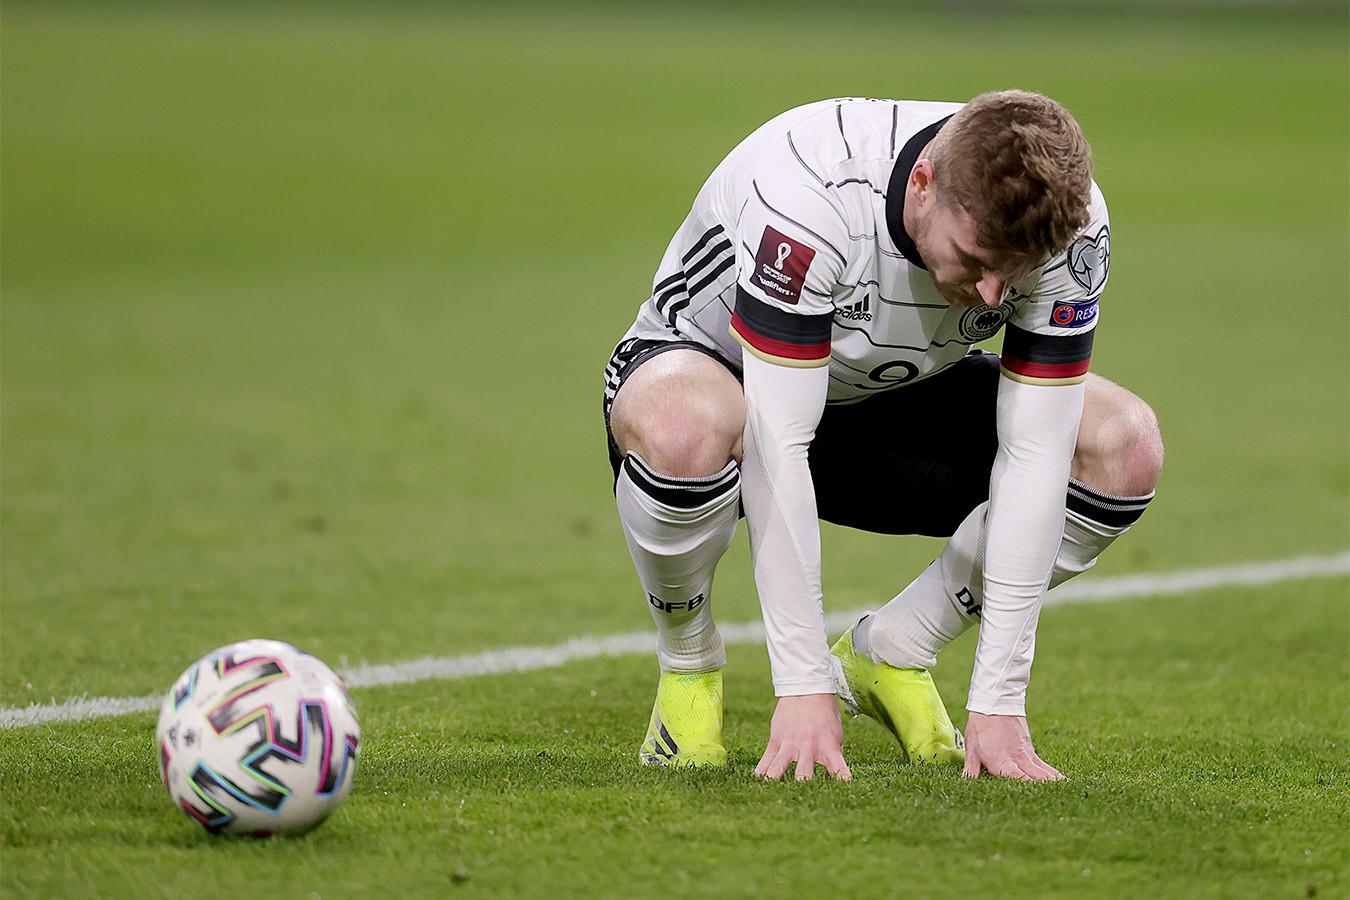 Сборная Германии проиграла Северной Македонии в матче отбора ЧМ-2022